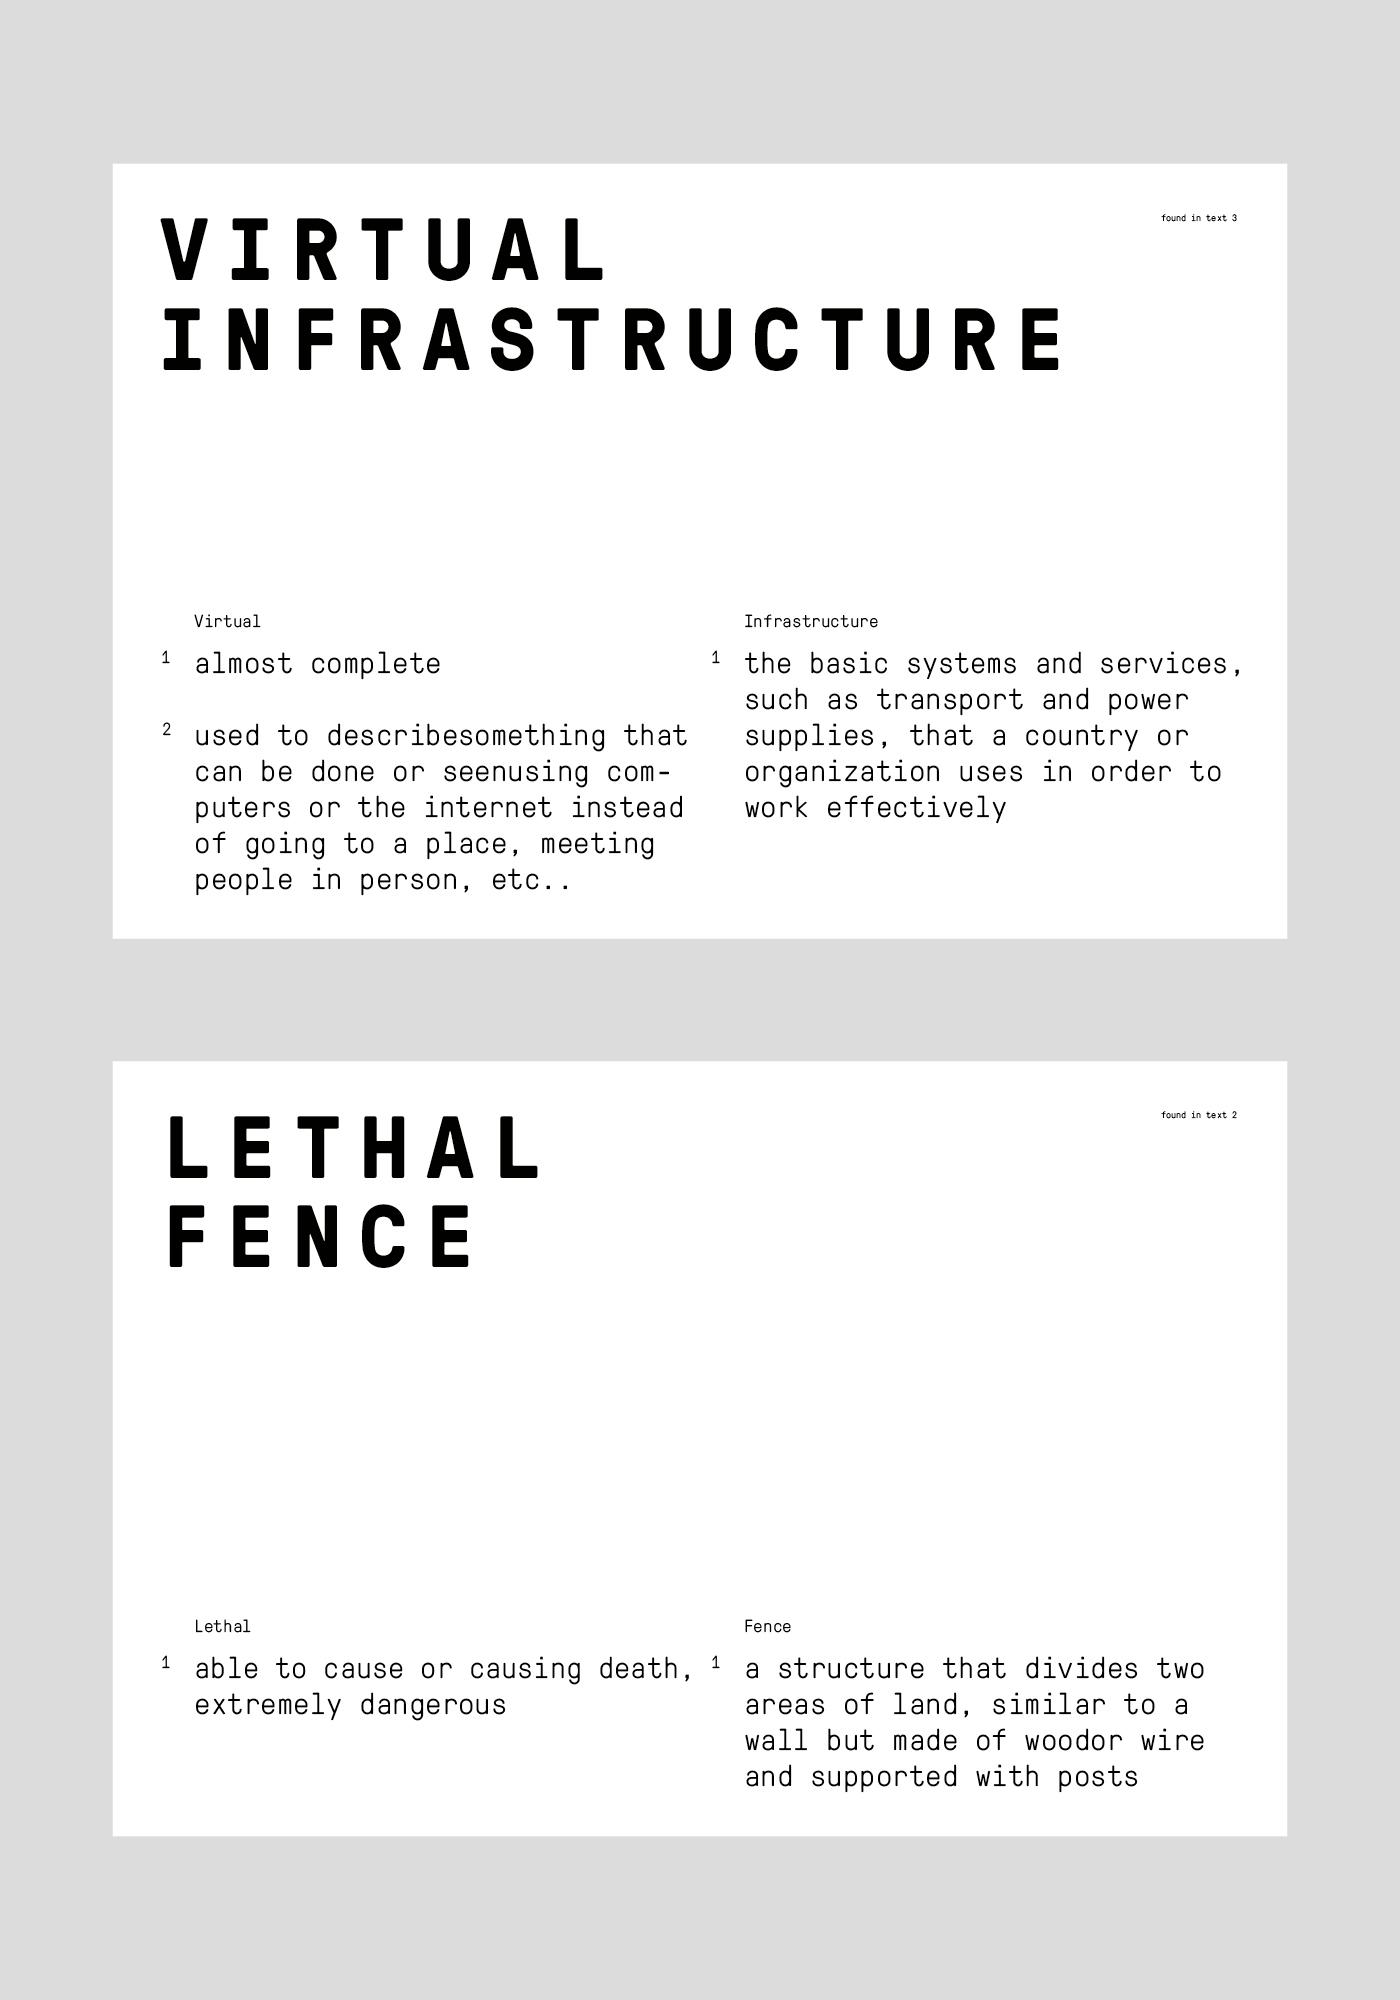 websites_kevinkremer_journal_narratives_9.jpg